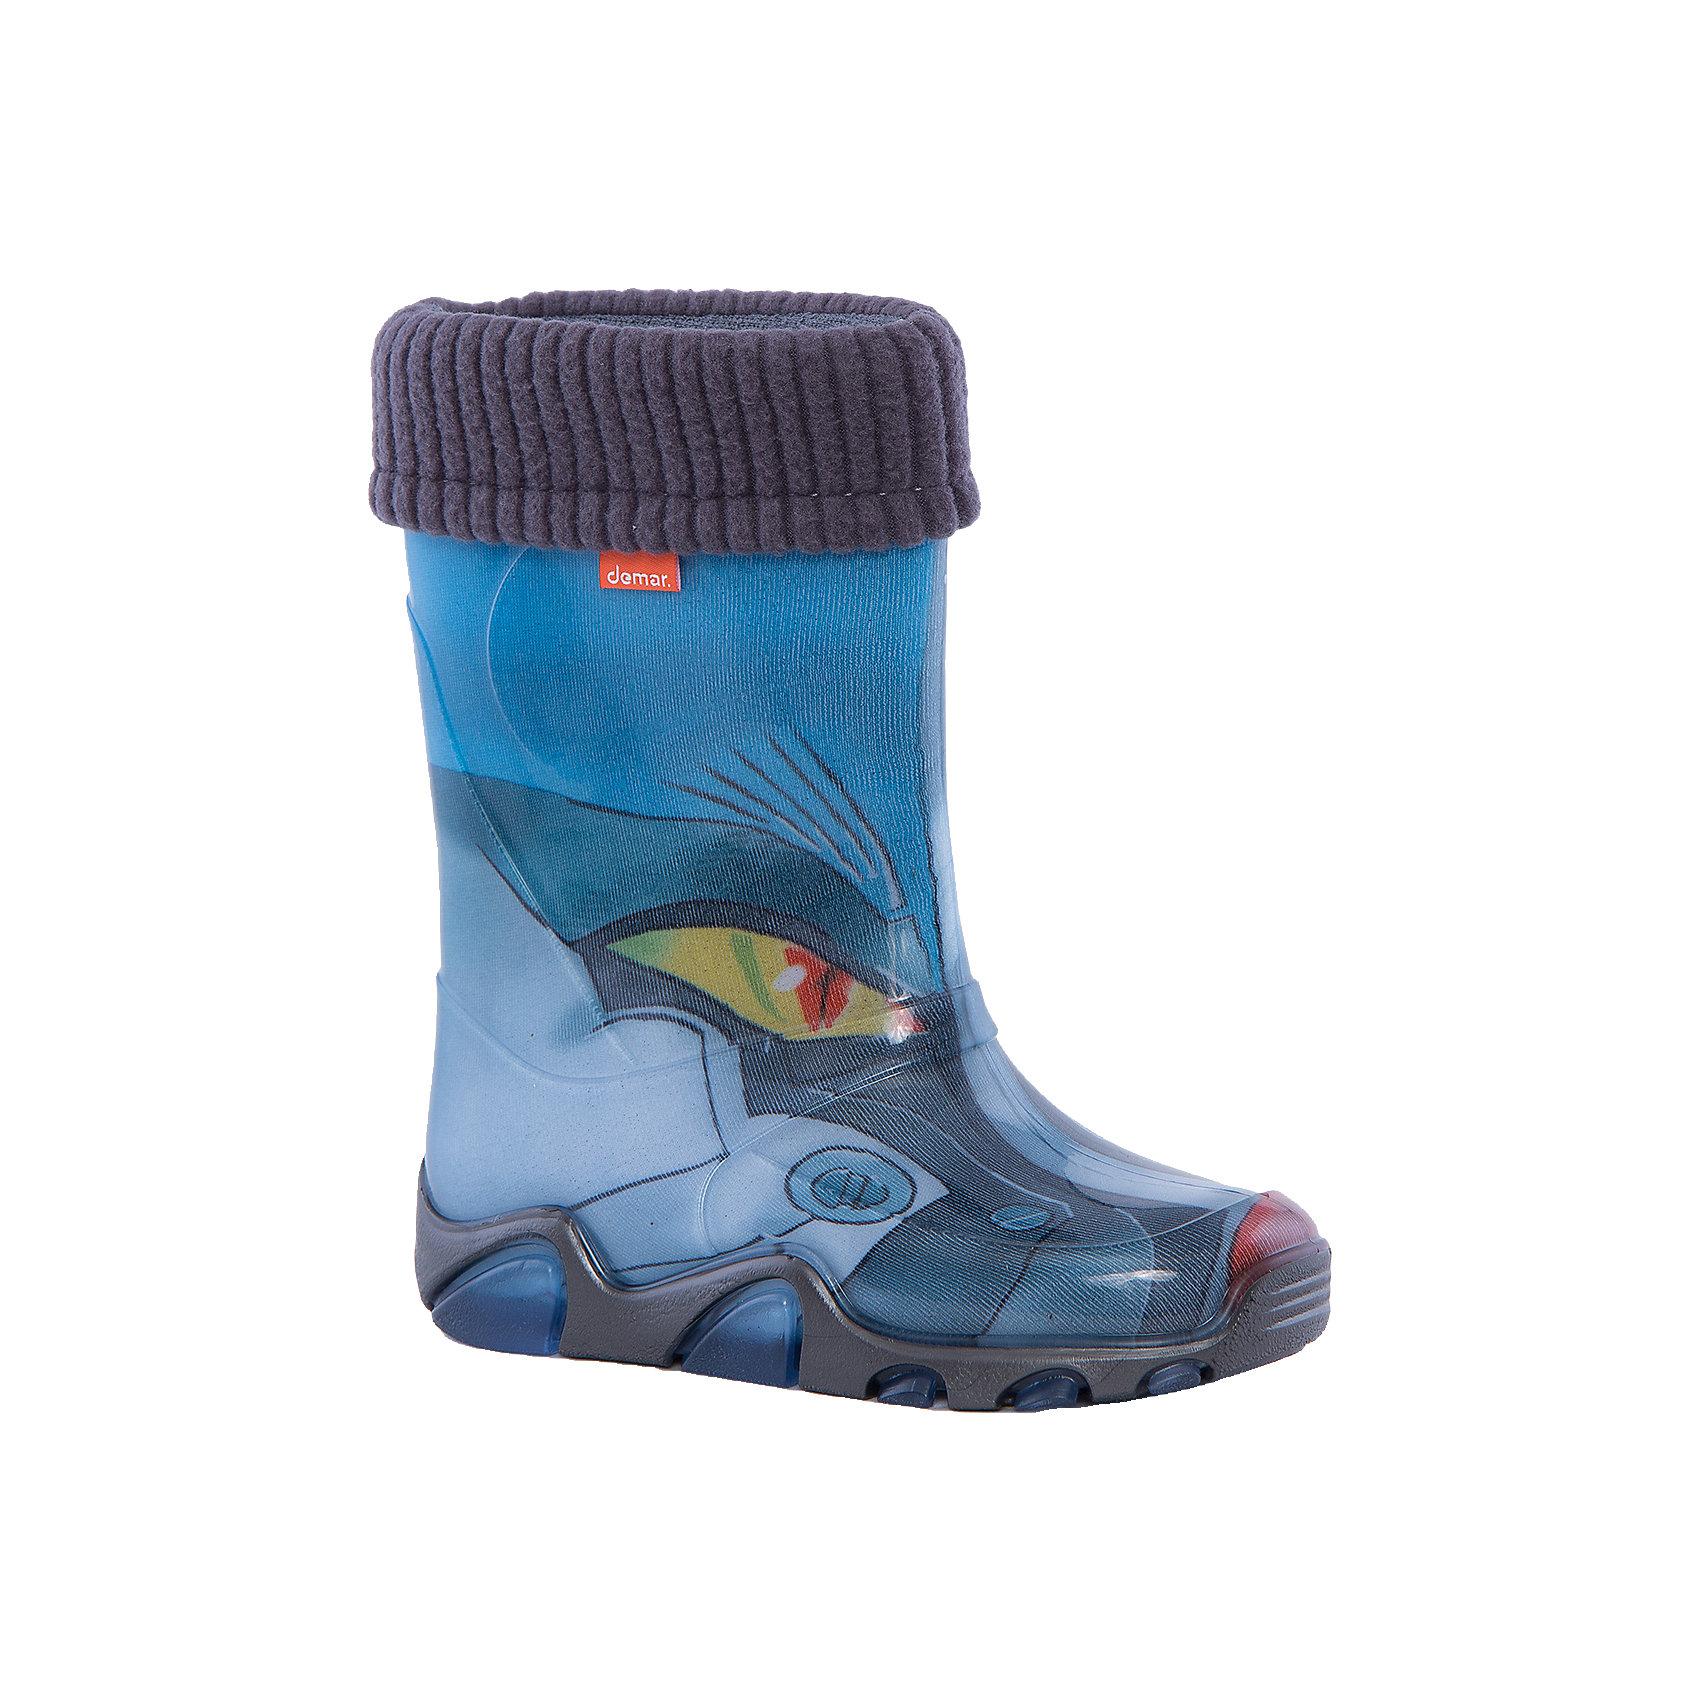 Резиновые сапоги Stormer Lux Print для мальчика DEMARХарактеристики товара:<br><br>• цвет: голубой<br>• материал верха: ПВХ<br>• материал подкладки: текстиль <br>• материал подошвы: ПВХ<br>• температурный режим: от 0° до +15° С<br>• верх не продувается<br>• съемный чулок<br>• стильный дизайн<br>• страна бренда: Польша<br>• страна изготовитель: Польша<br><br>Осенью и весной ребенку не обойтись без непромокаемых сапожек! Чтобы не пропустить главные удовольствия межсезонья, нужно запастись удобной обувью. Такие сапожки обеспечат ребенку необходимый для активного отдыха комфорт, а подкладка из текстиля позволит ножкам оставаться теплыми. Сапожки легко надеваются и снимаются, отлично сидят на ноге. Они удивительно легкие!<br>Обувь от польского бренда Demar - это качественные товары, созданные с применением новейших технологий и с использованием как натуральных, так и высокотехнологичных материалов. Обувь отличается стильным дизайном и продуманной конструкцией. Изделие производится из качественных и проверенных материалов, которые безопасны для детей.<br><br>Сапожки от бренда Demar (Демар) можно купить в нашем интернет-магазине.<br><br>Ширина мм: 257<br>Глубина мм: 180<br>Высота мм: 130<br>Вес г: 420<br>Цвет: разноцветный<br>Возраст от месяцев: 120<br>Возраст до месяцев: 132<br>Пол: Мужской<br>Возраст: Детский<br>Размер: 34/35,30/31,32/33,28/29<br>SKU: 4576050